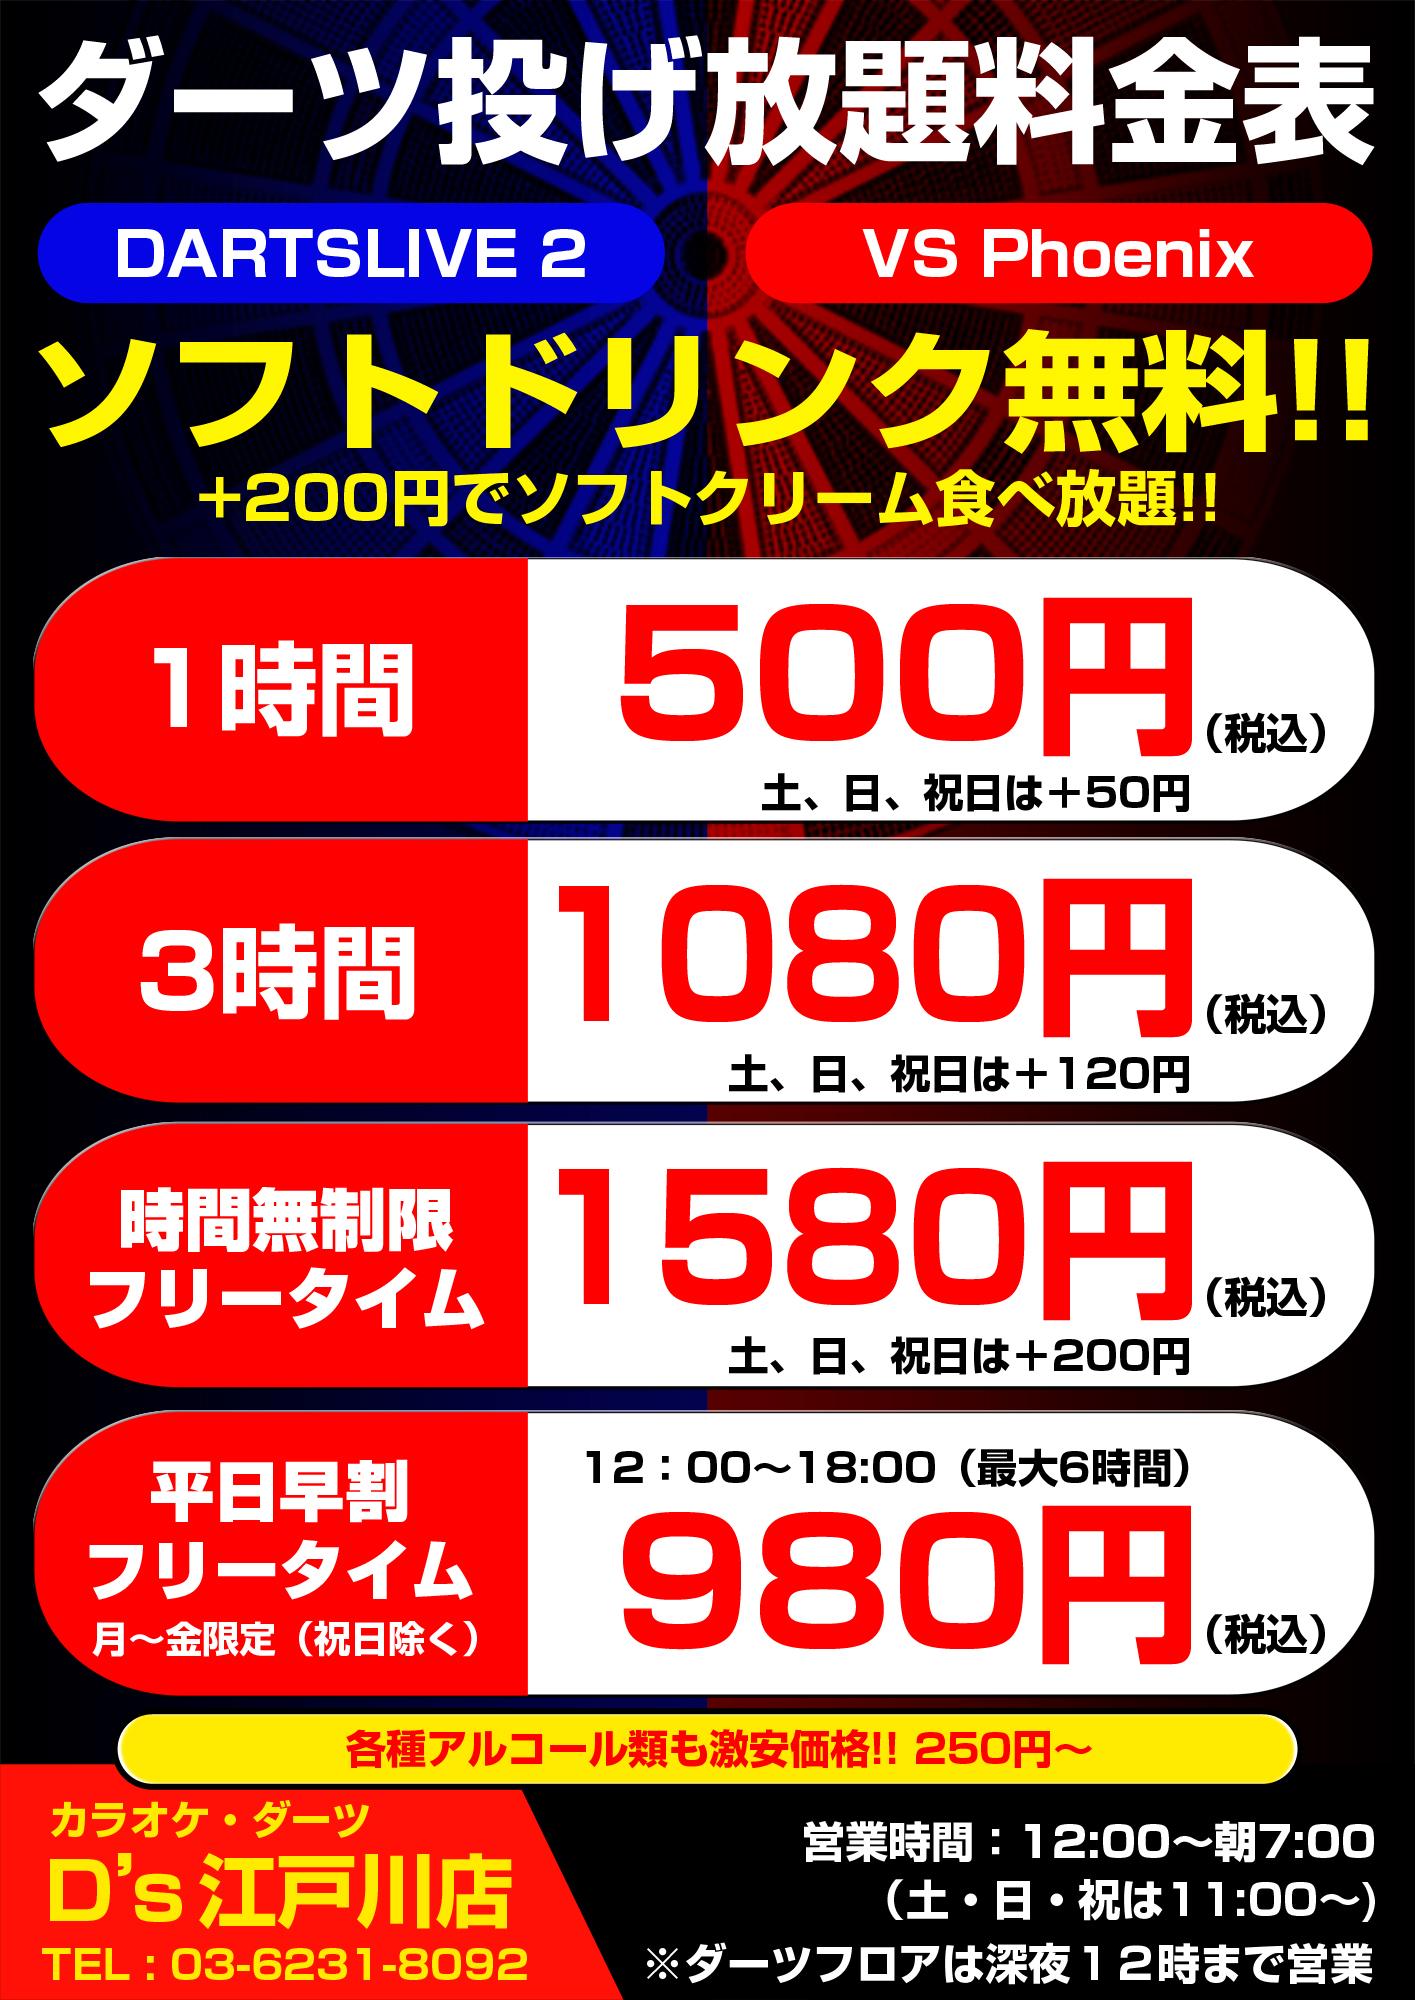 江戸川ダーツポップ2